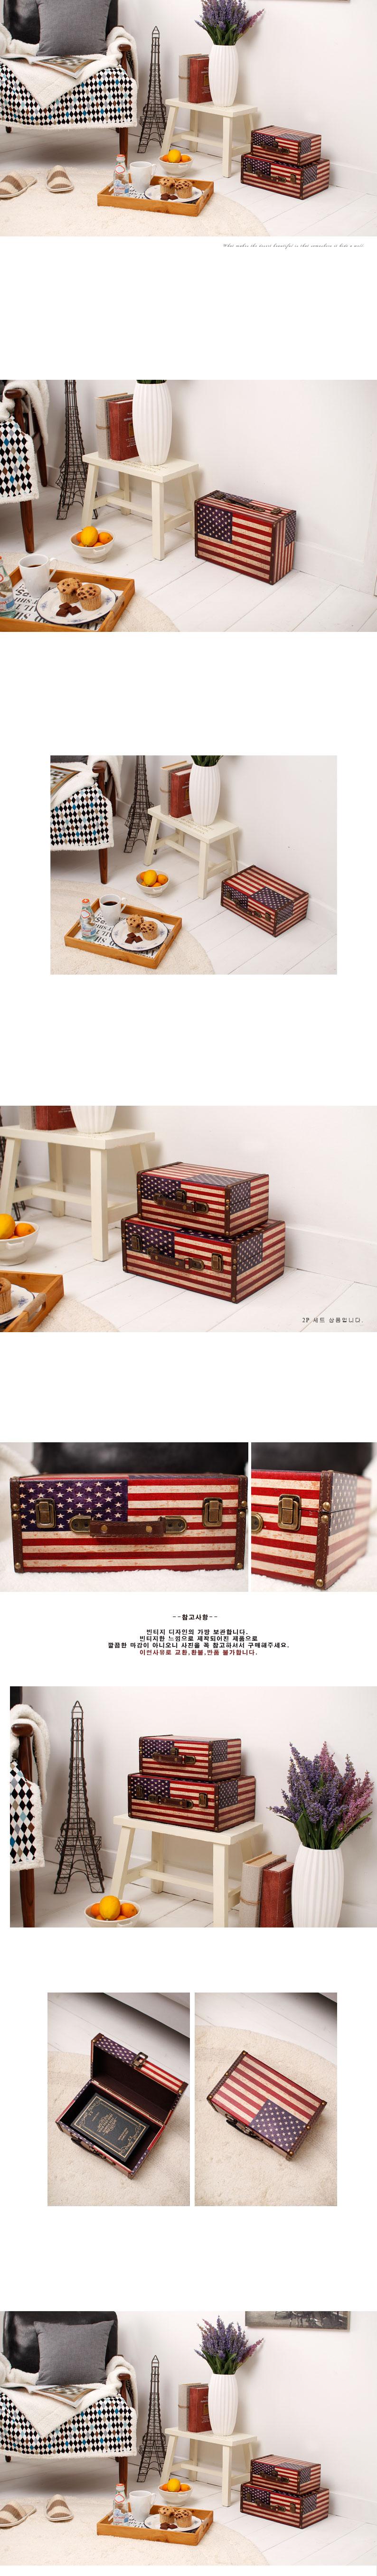 미국 가방 보관함 2Pset - 체리하우스, 90,000원, 정리/리빙박스, 소품정리함